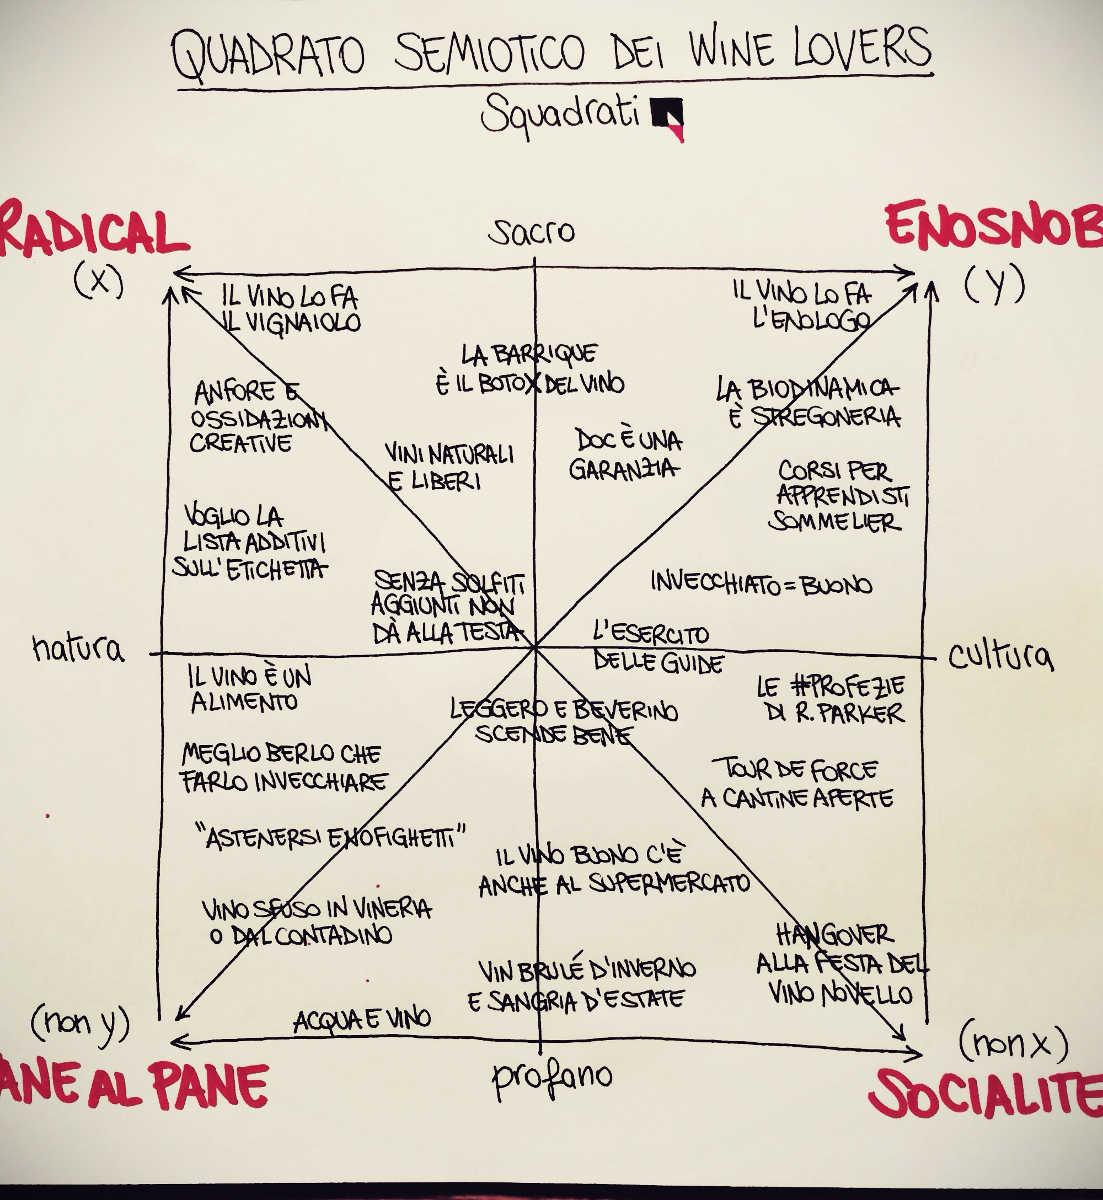 Tra enosnob e radical, i profili dei wine lovers italiani